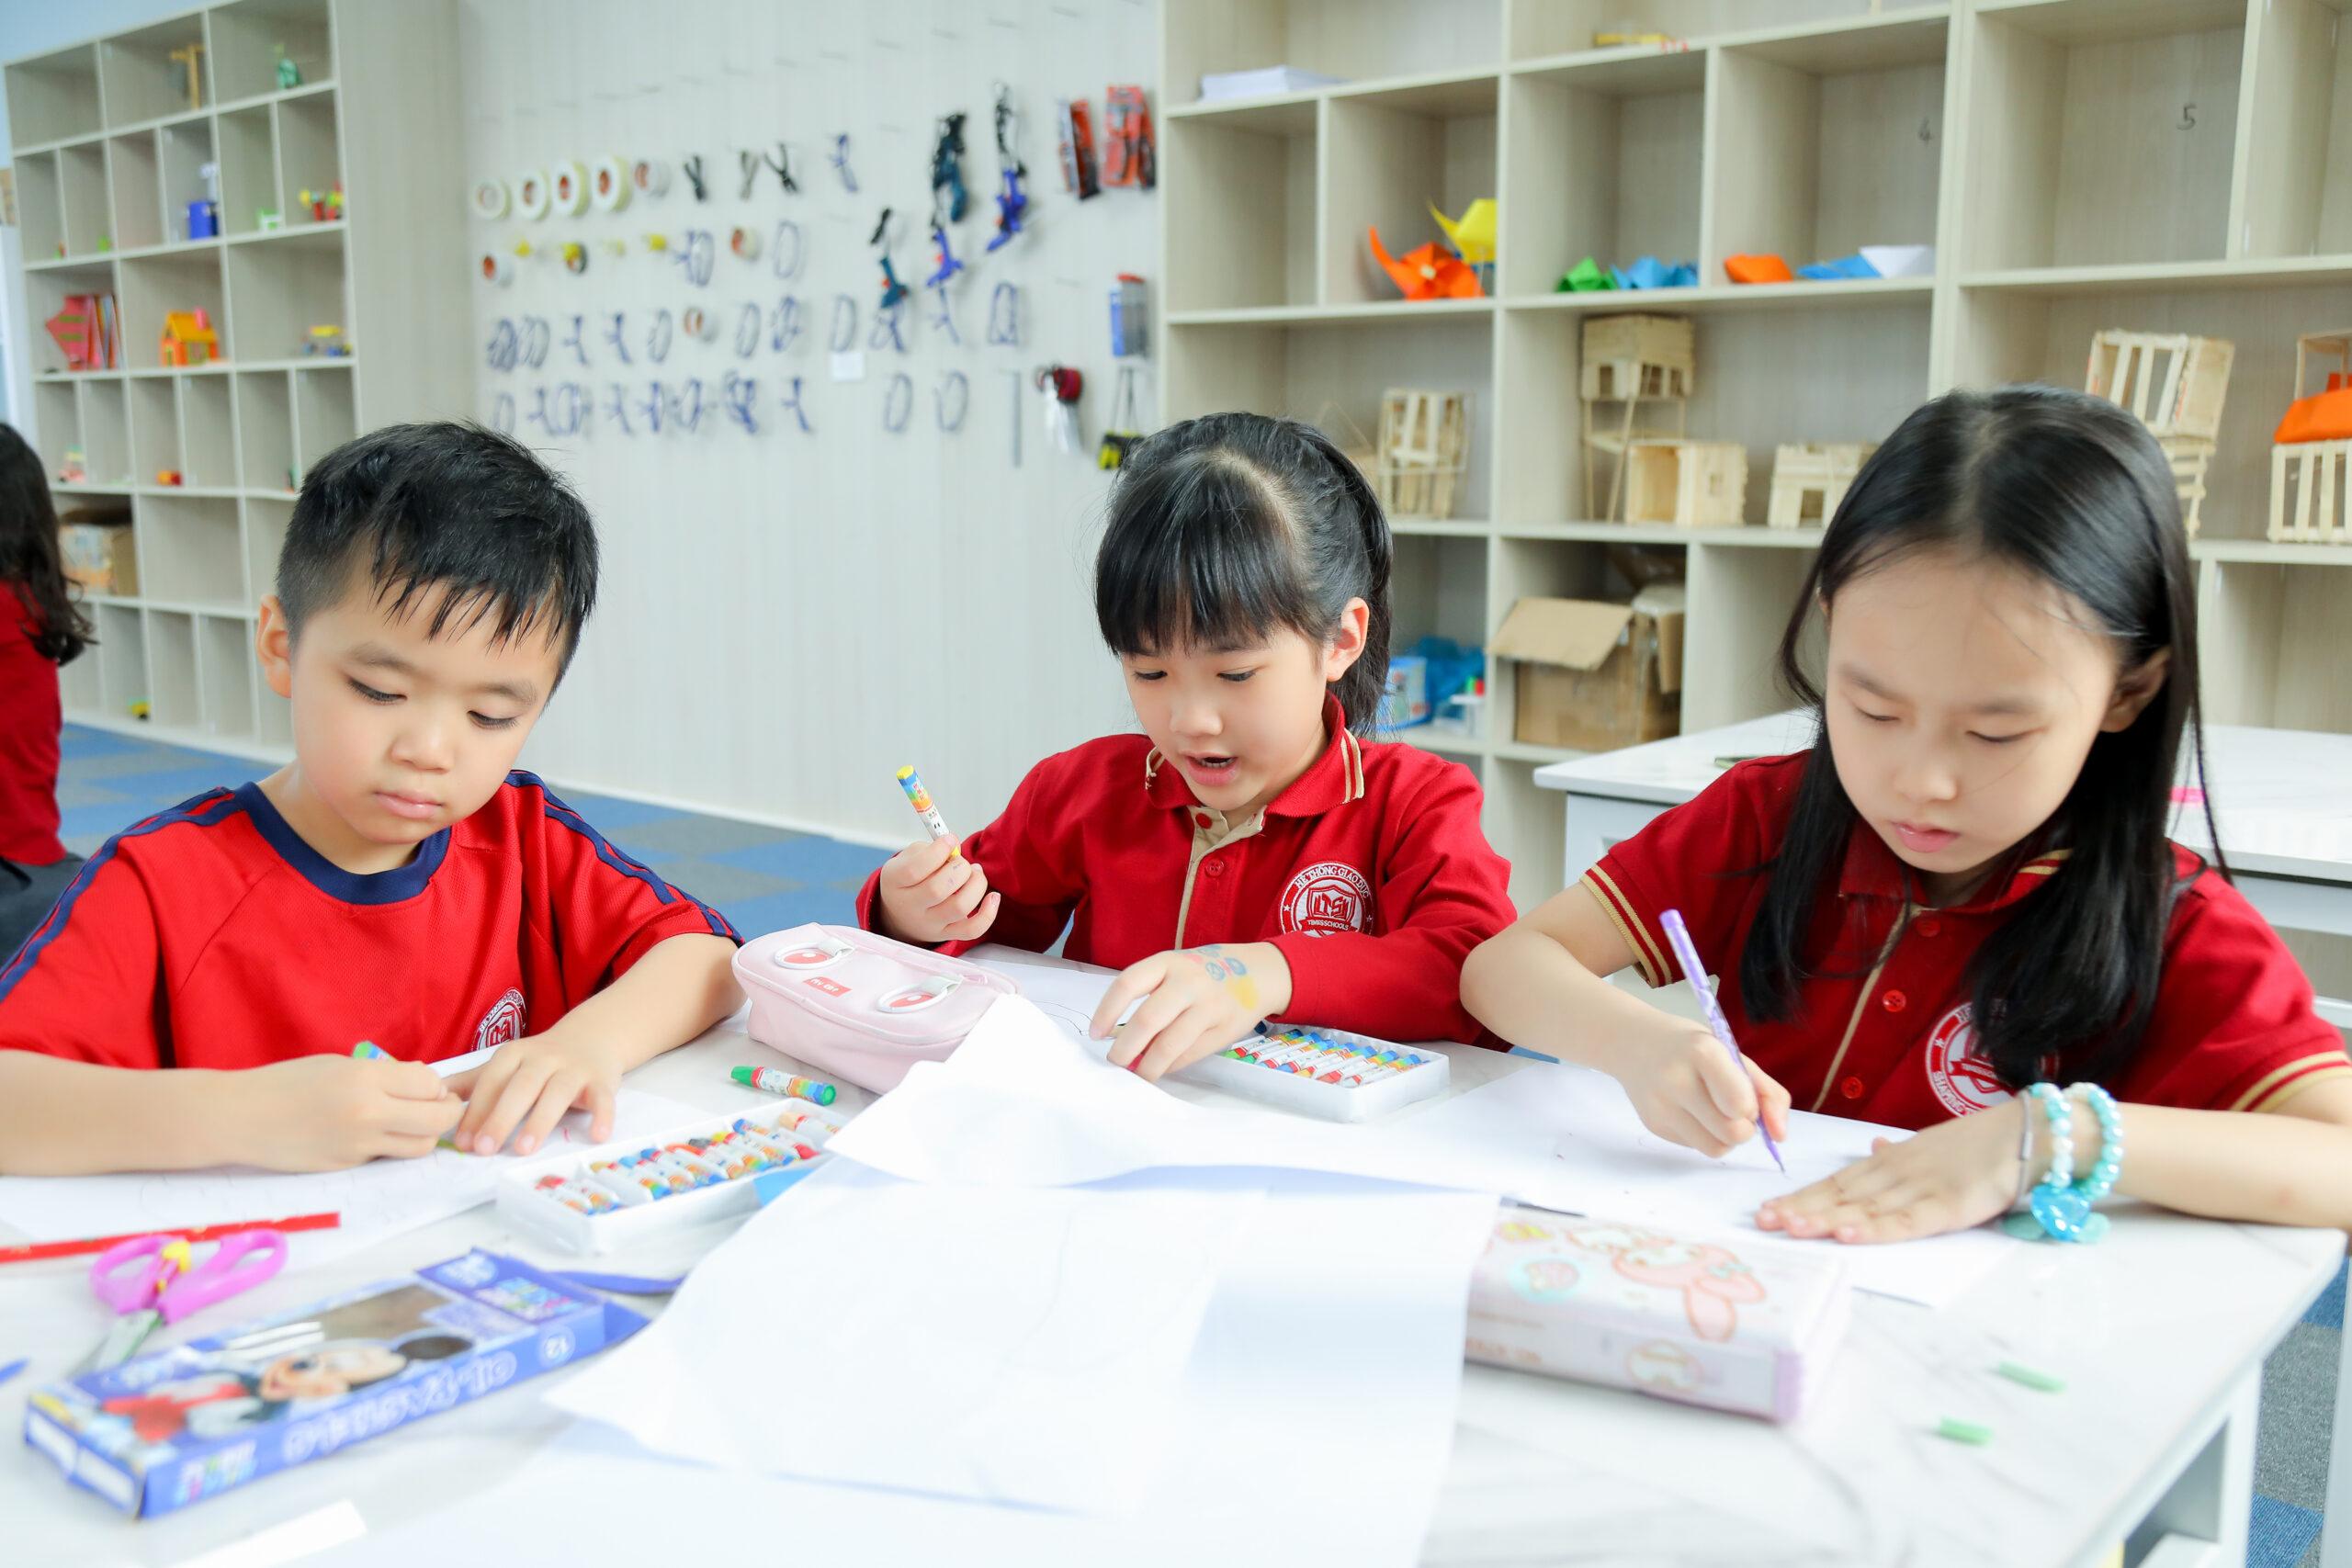 Chuẩn bị tâm lý và kỹ năng cho trẻ vào lớp 1